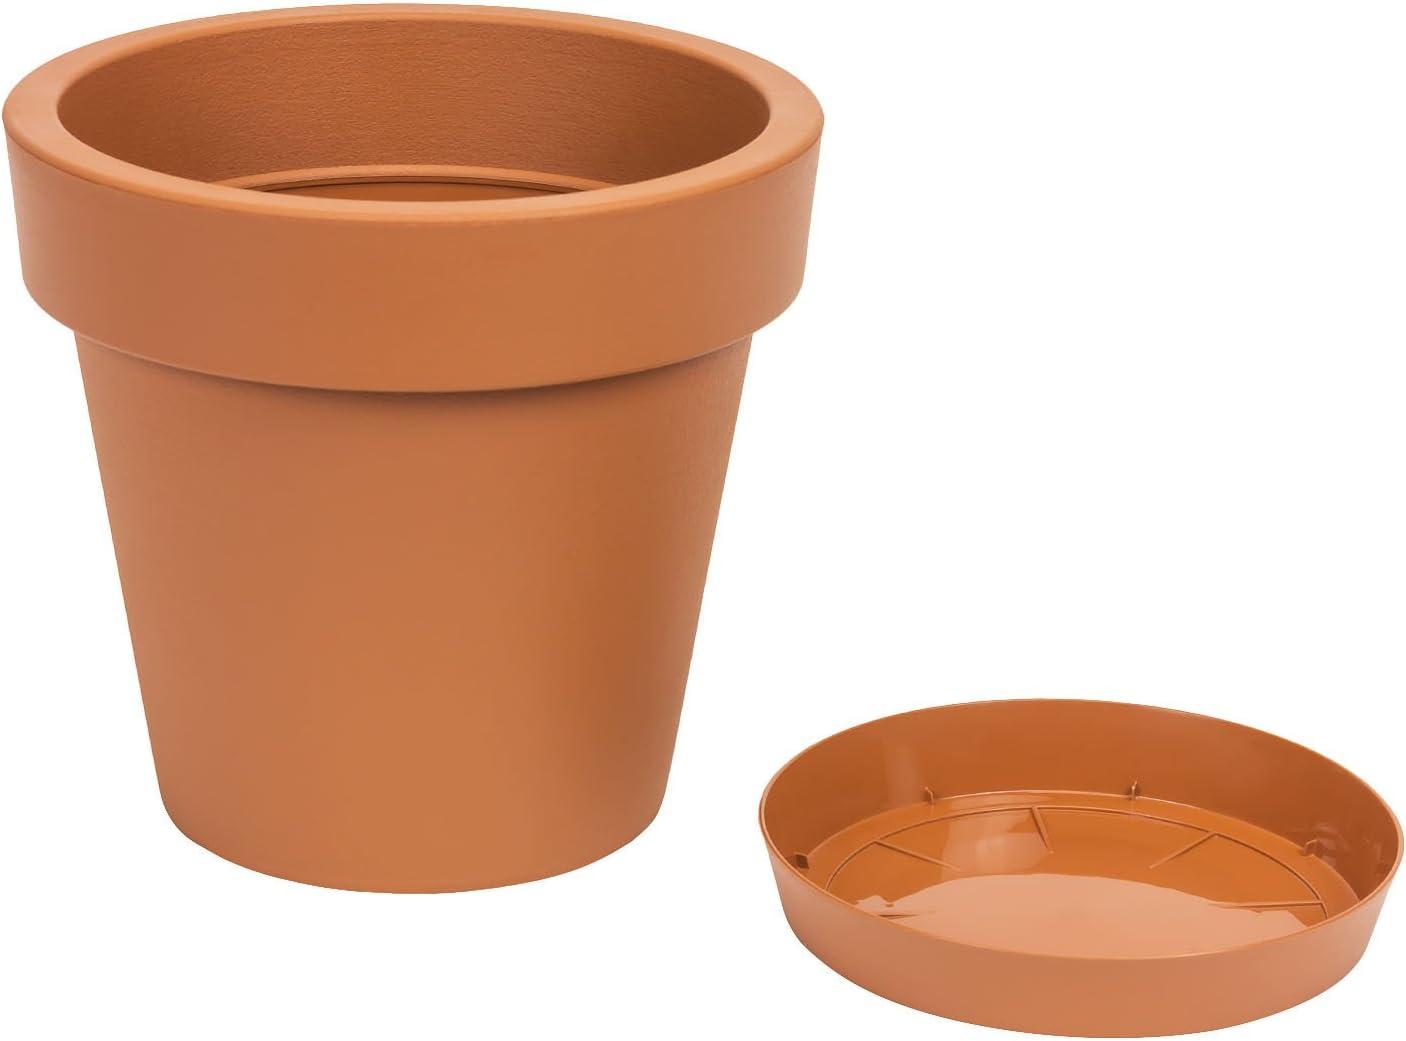 0,1 l FairFox Petit pot de fleurs moderne avec soucoupe et drainage en plastique 100 /% recycl/é Anthracite, 3 l /Économie dhuile brute